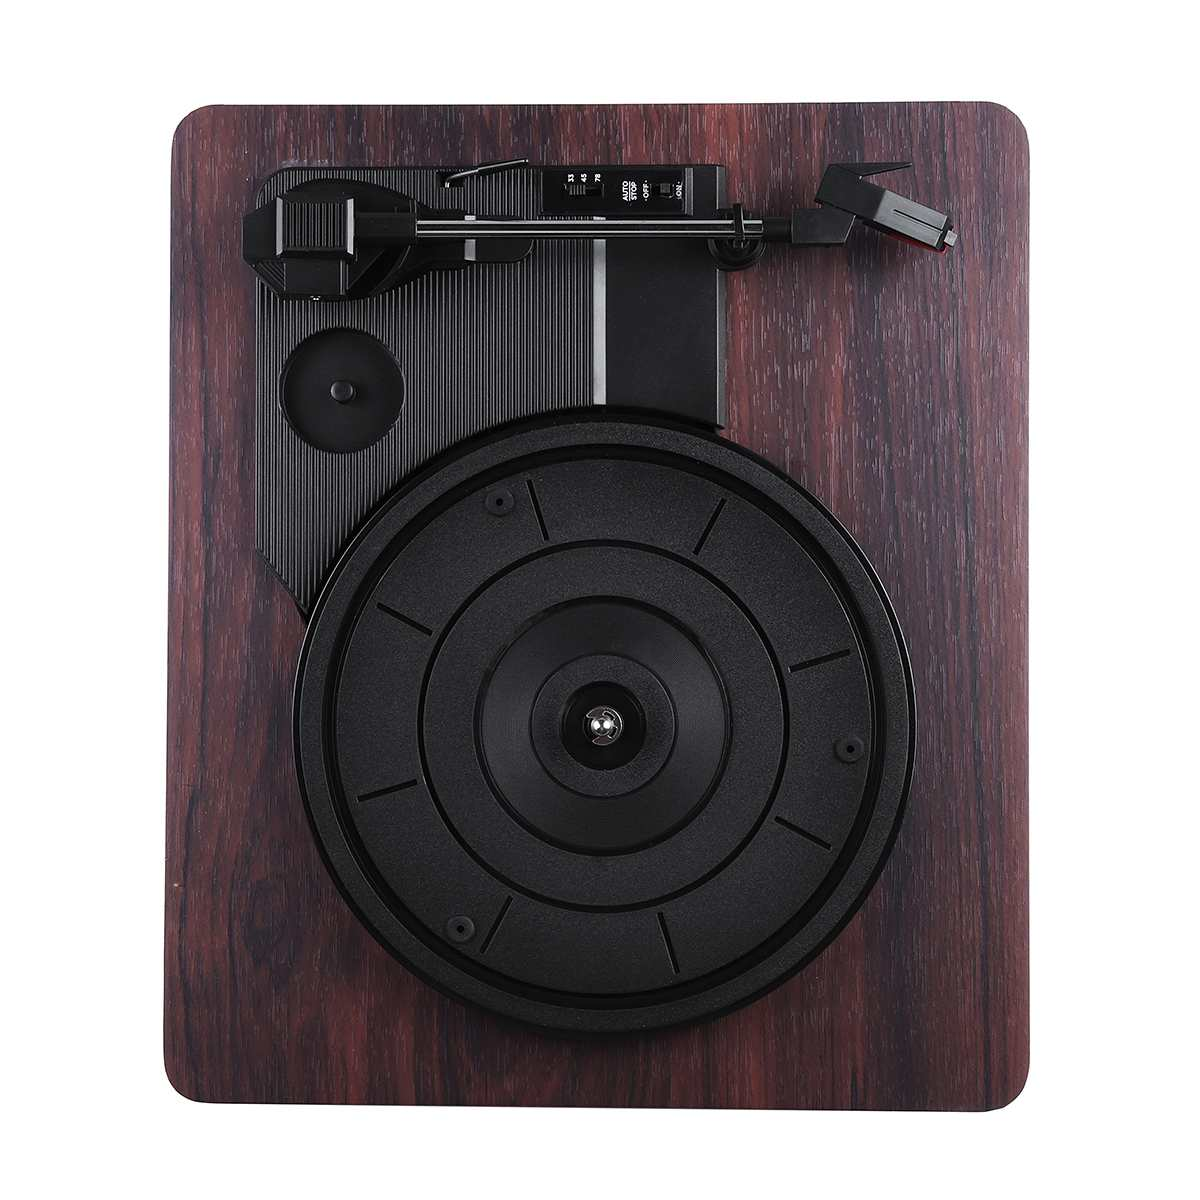 33, 45, 78 tr/min lecteur de disque Antique Gramophone tourne-disque vinyle Audio RCA R/L 3.5mm sortie USB DC 5V couleur bois - 2